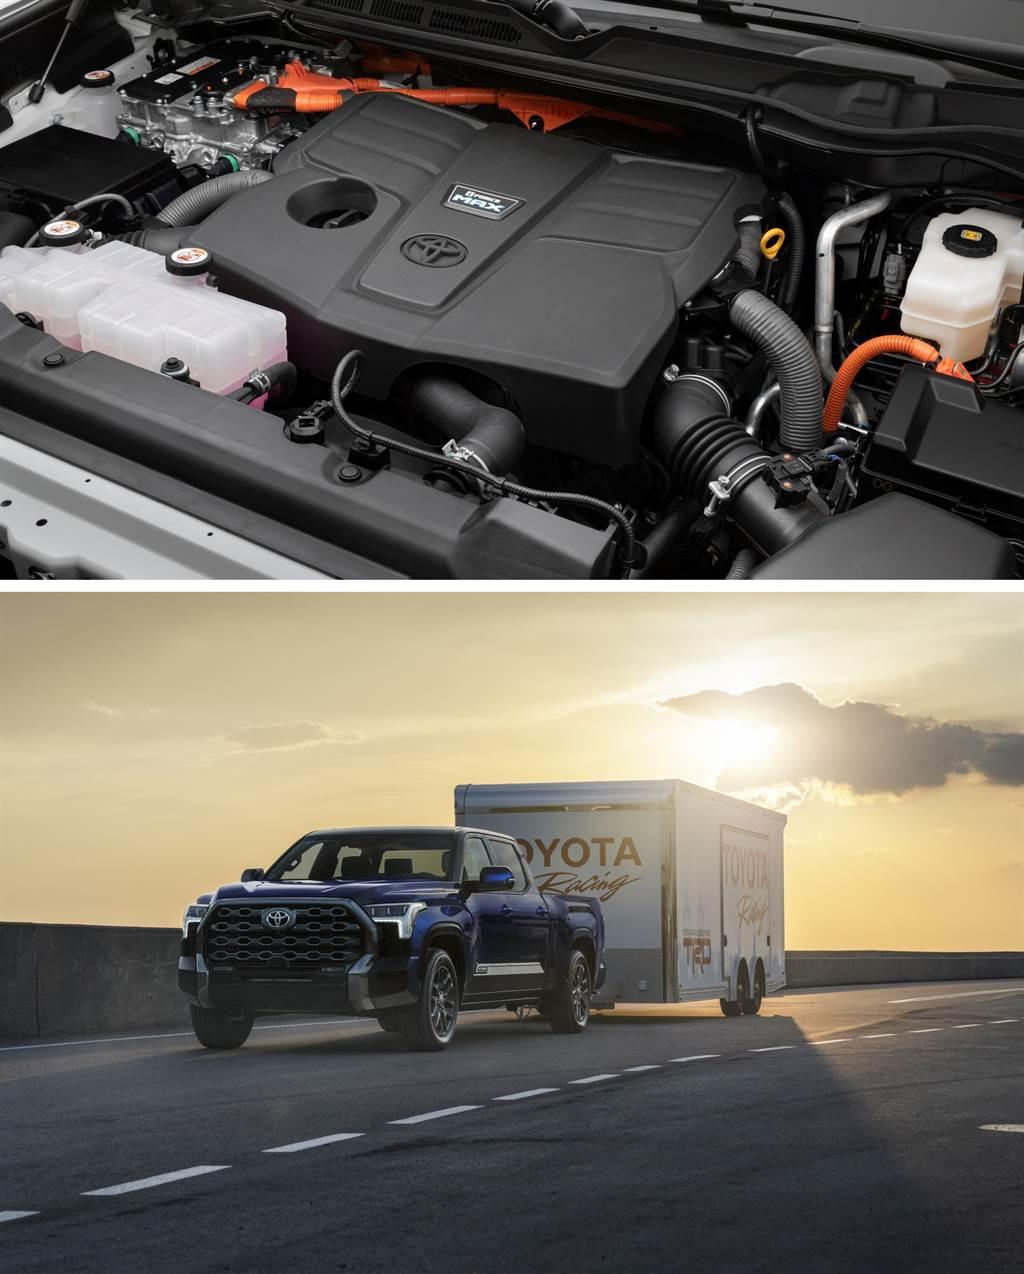 棄V8轉油電 Toyota新世代全尺寸皮卡Tundra發表(圖/CarStuff)